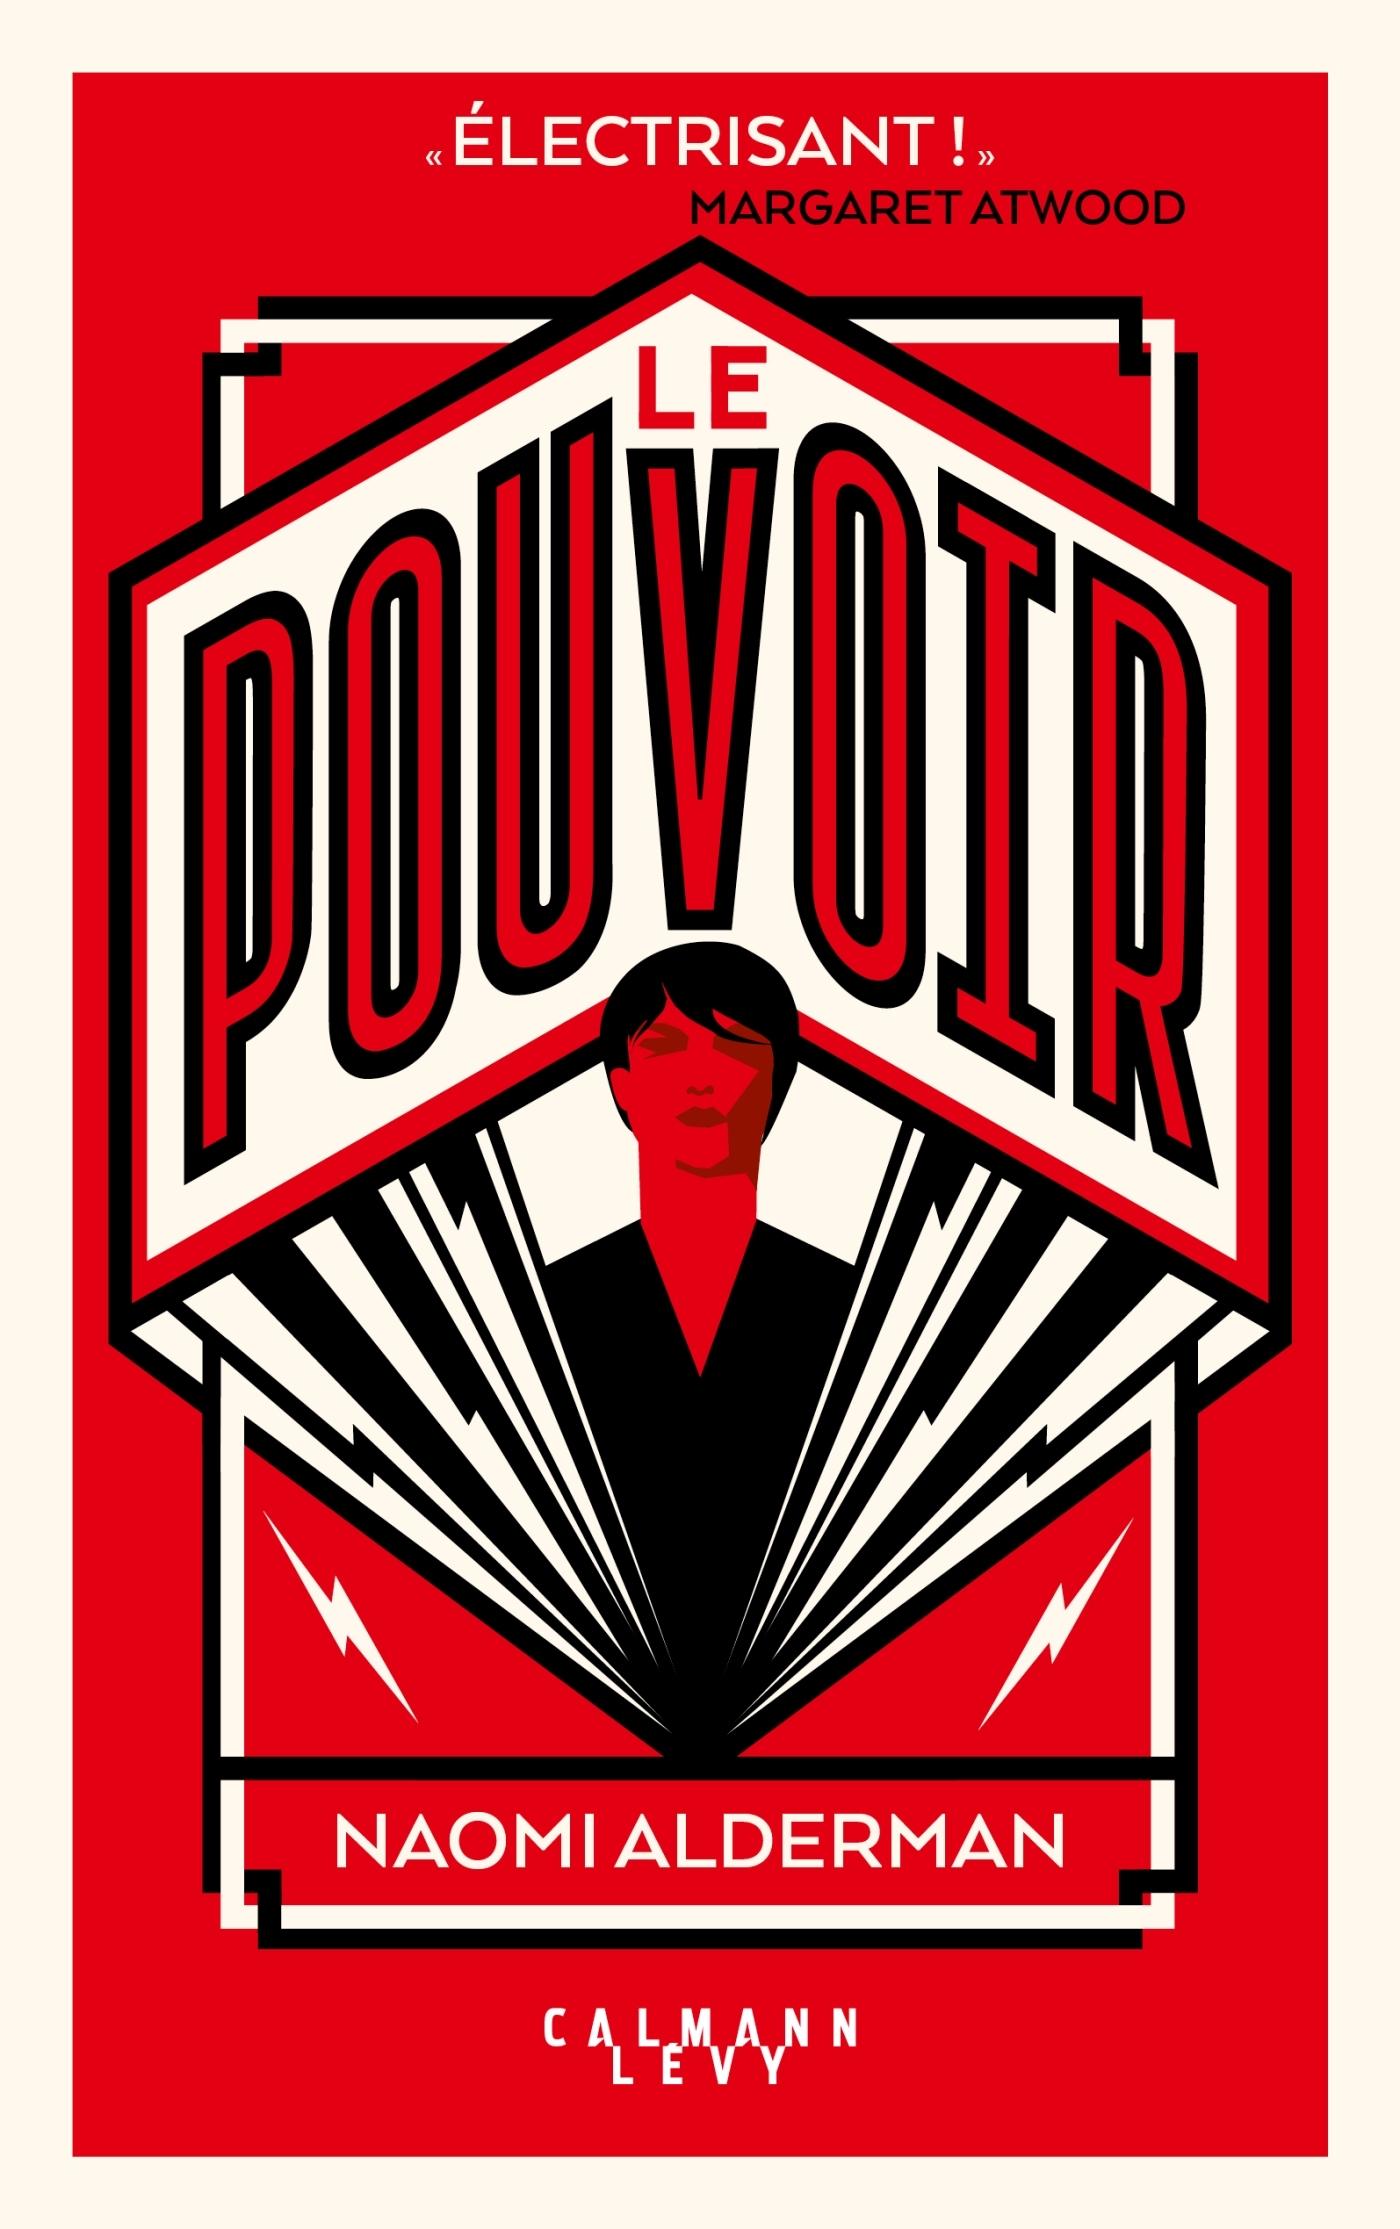 LE POUVOIR